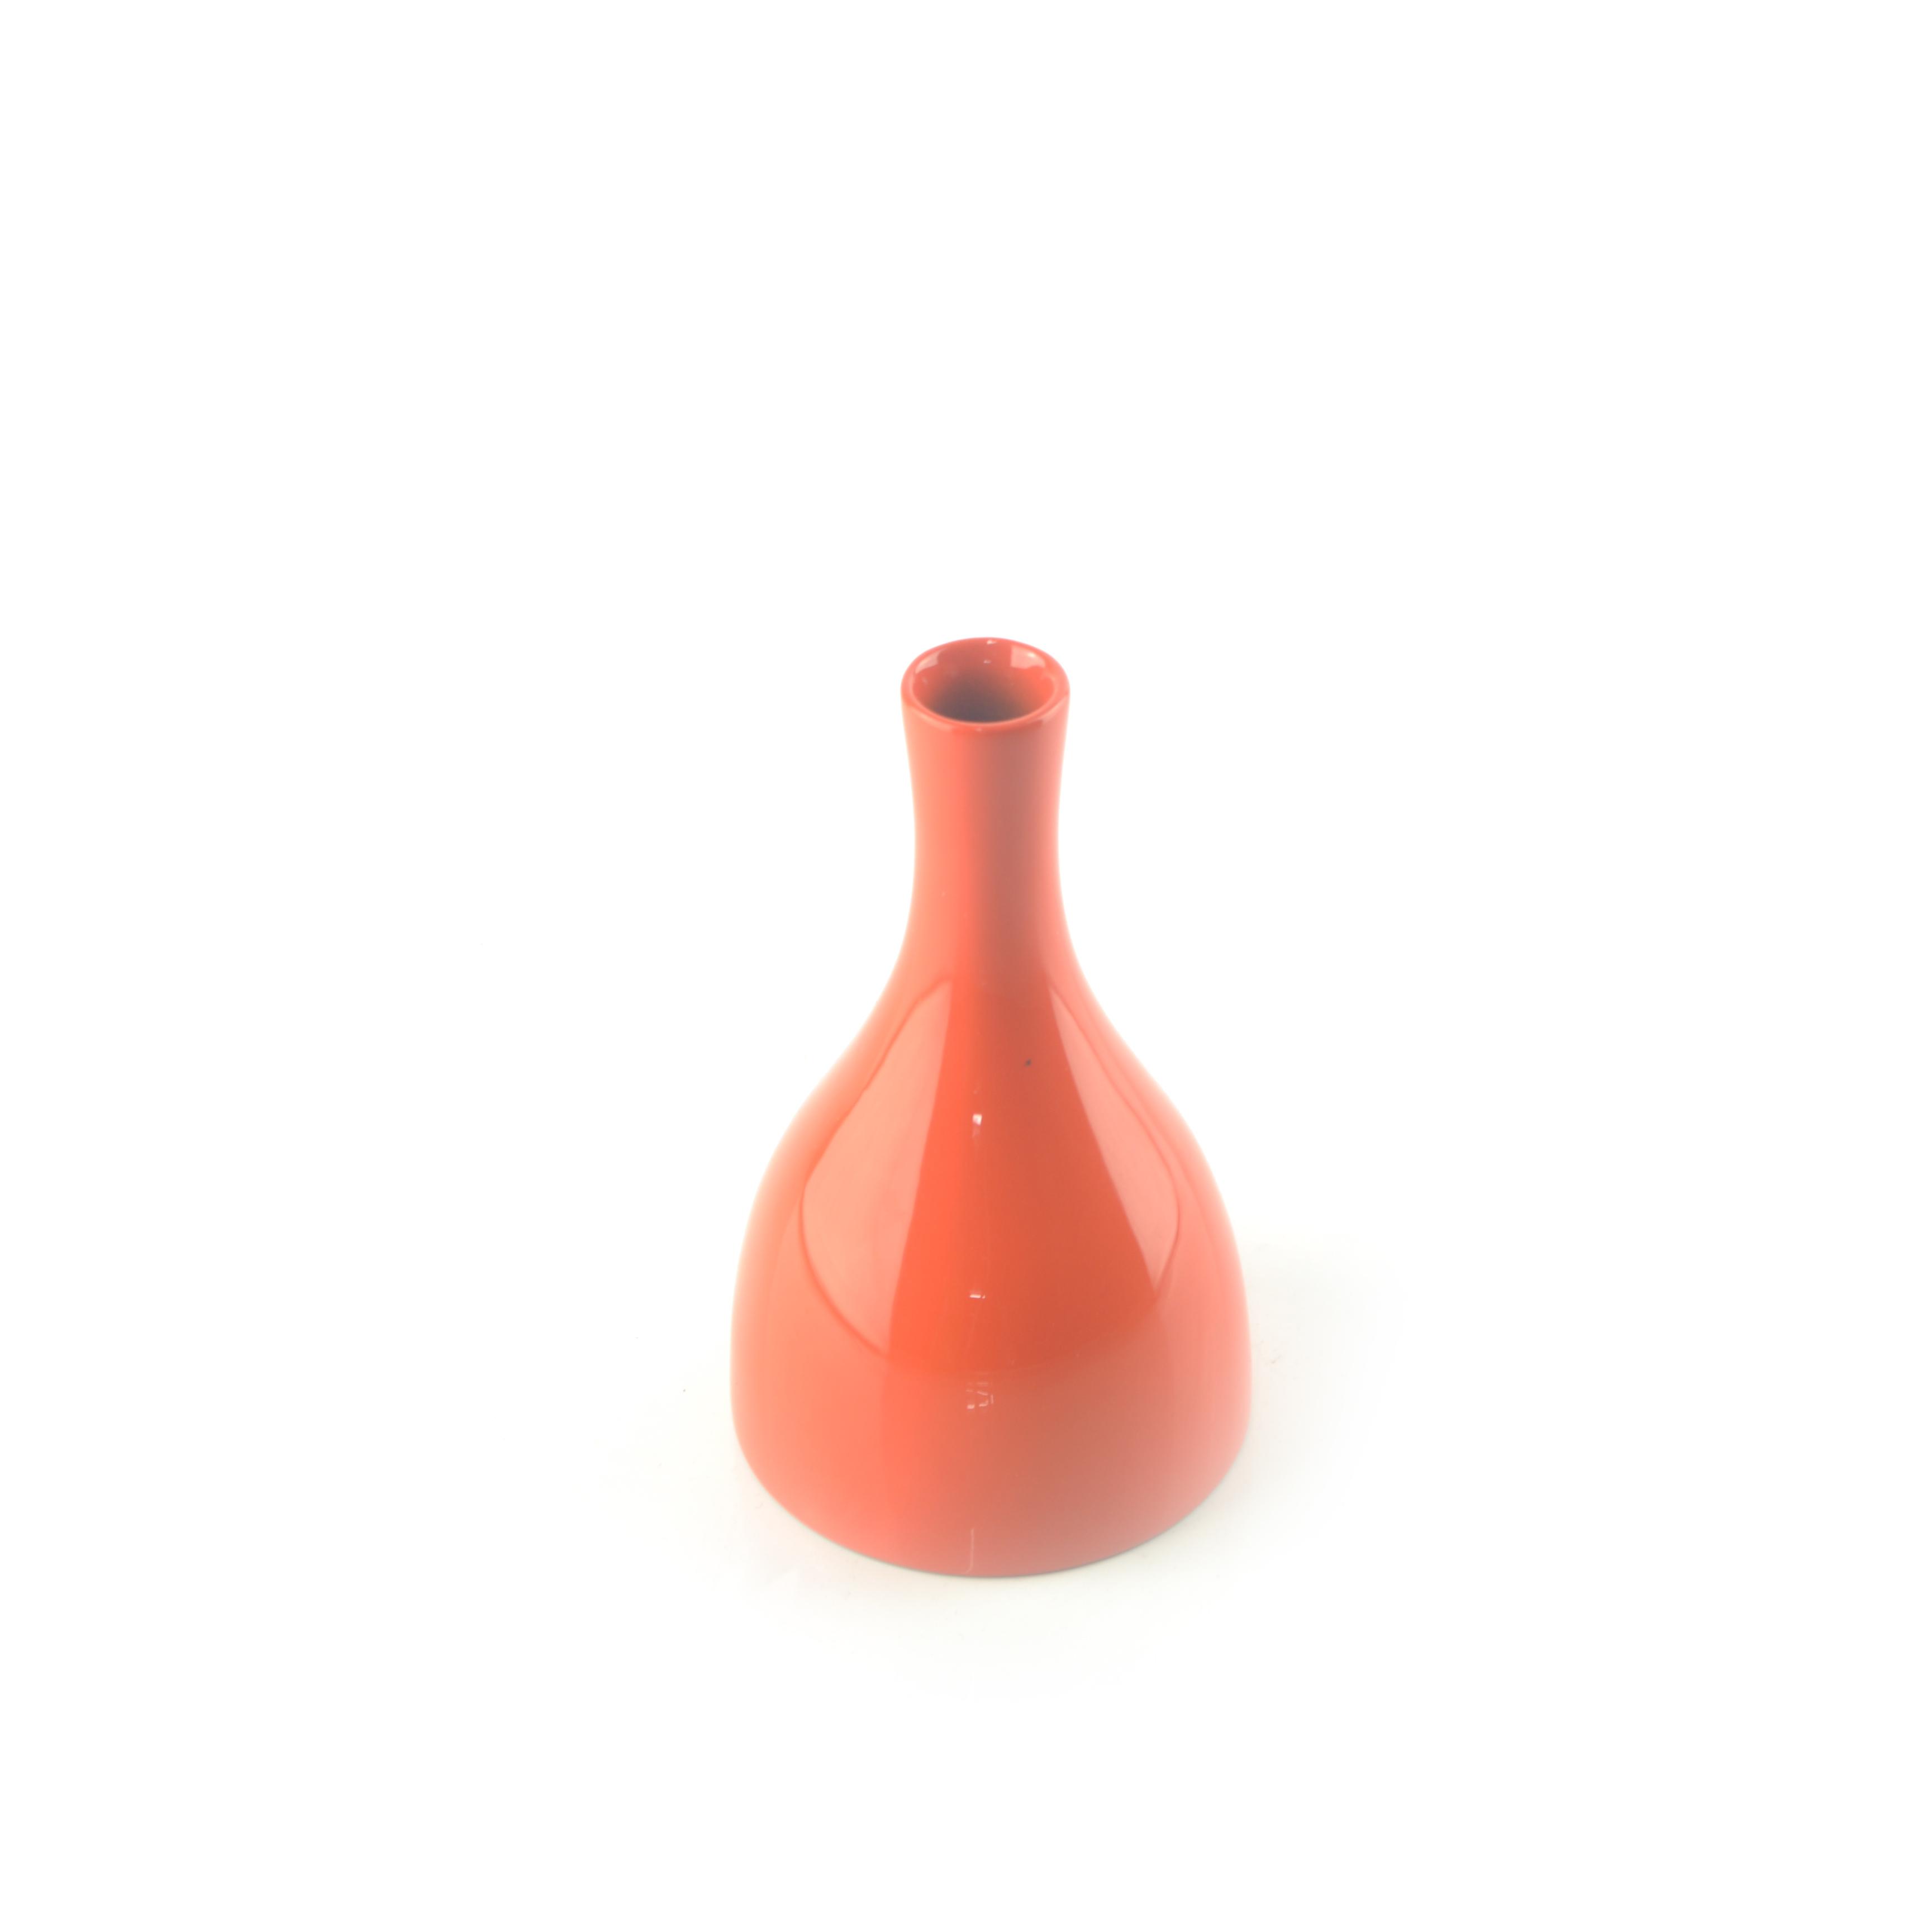 Petit Lacquer Vase